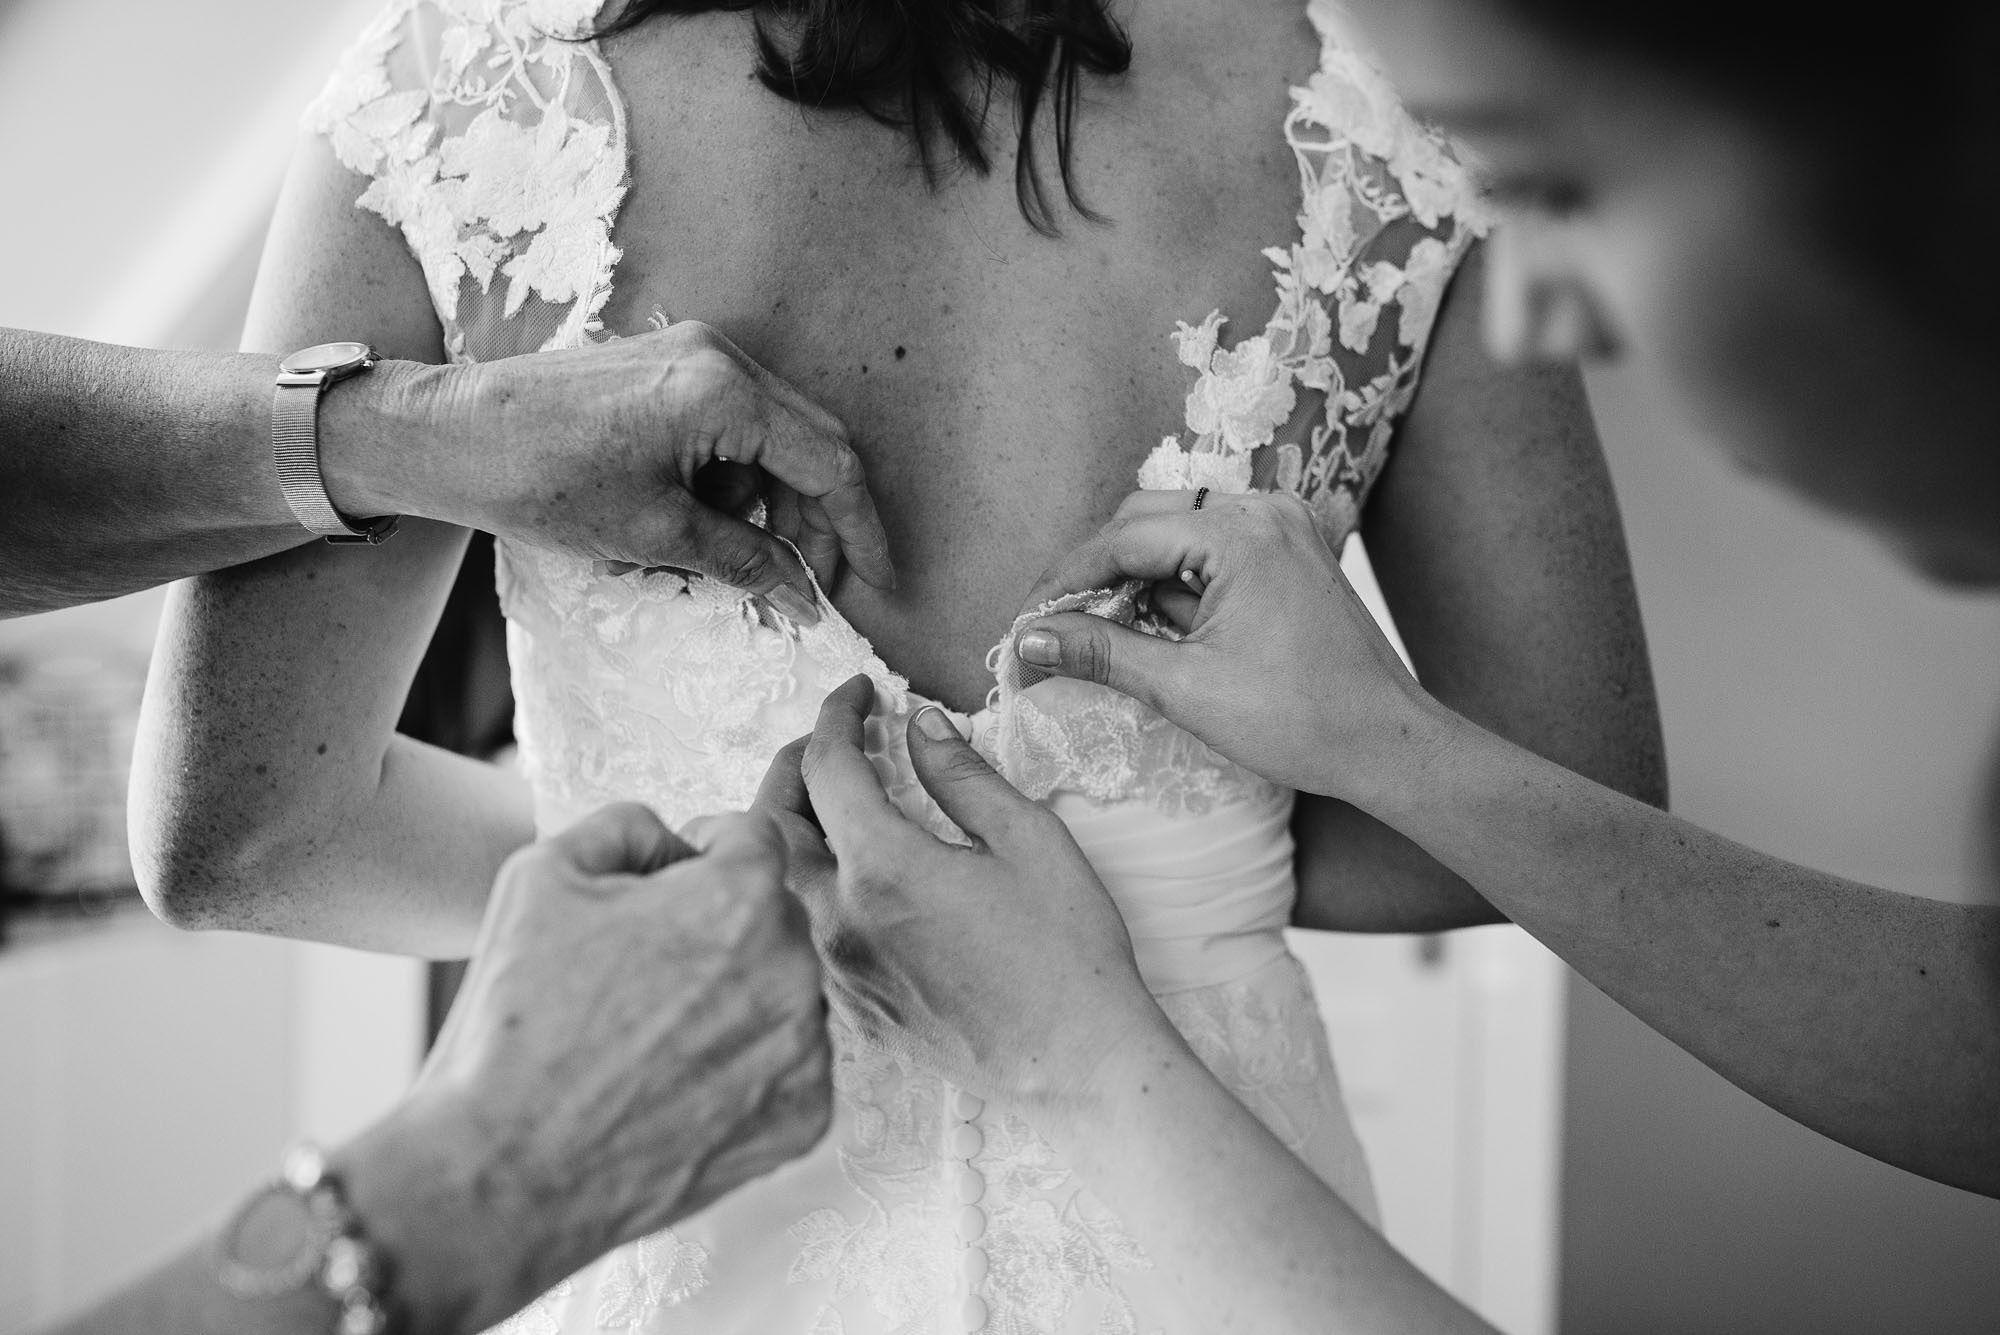 Bruidsfotograaf-Sittard-journalistieke-bruidsfotografie-011.jpg